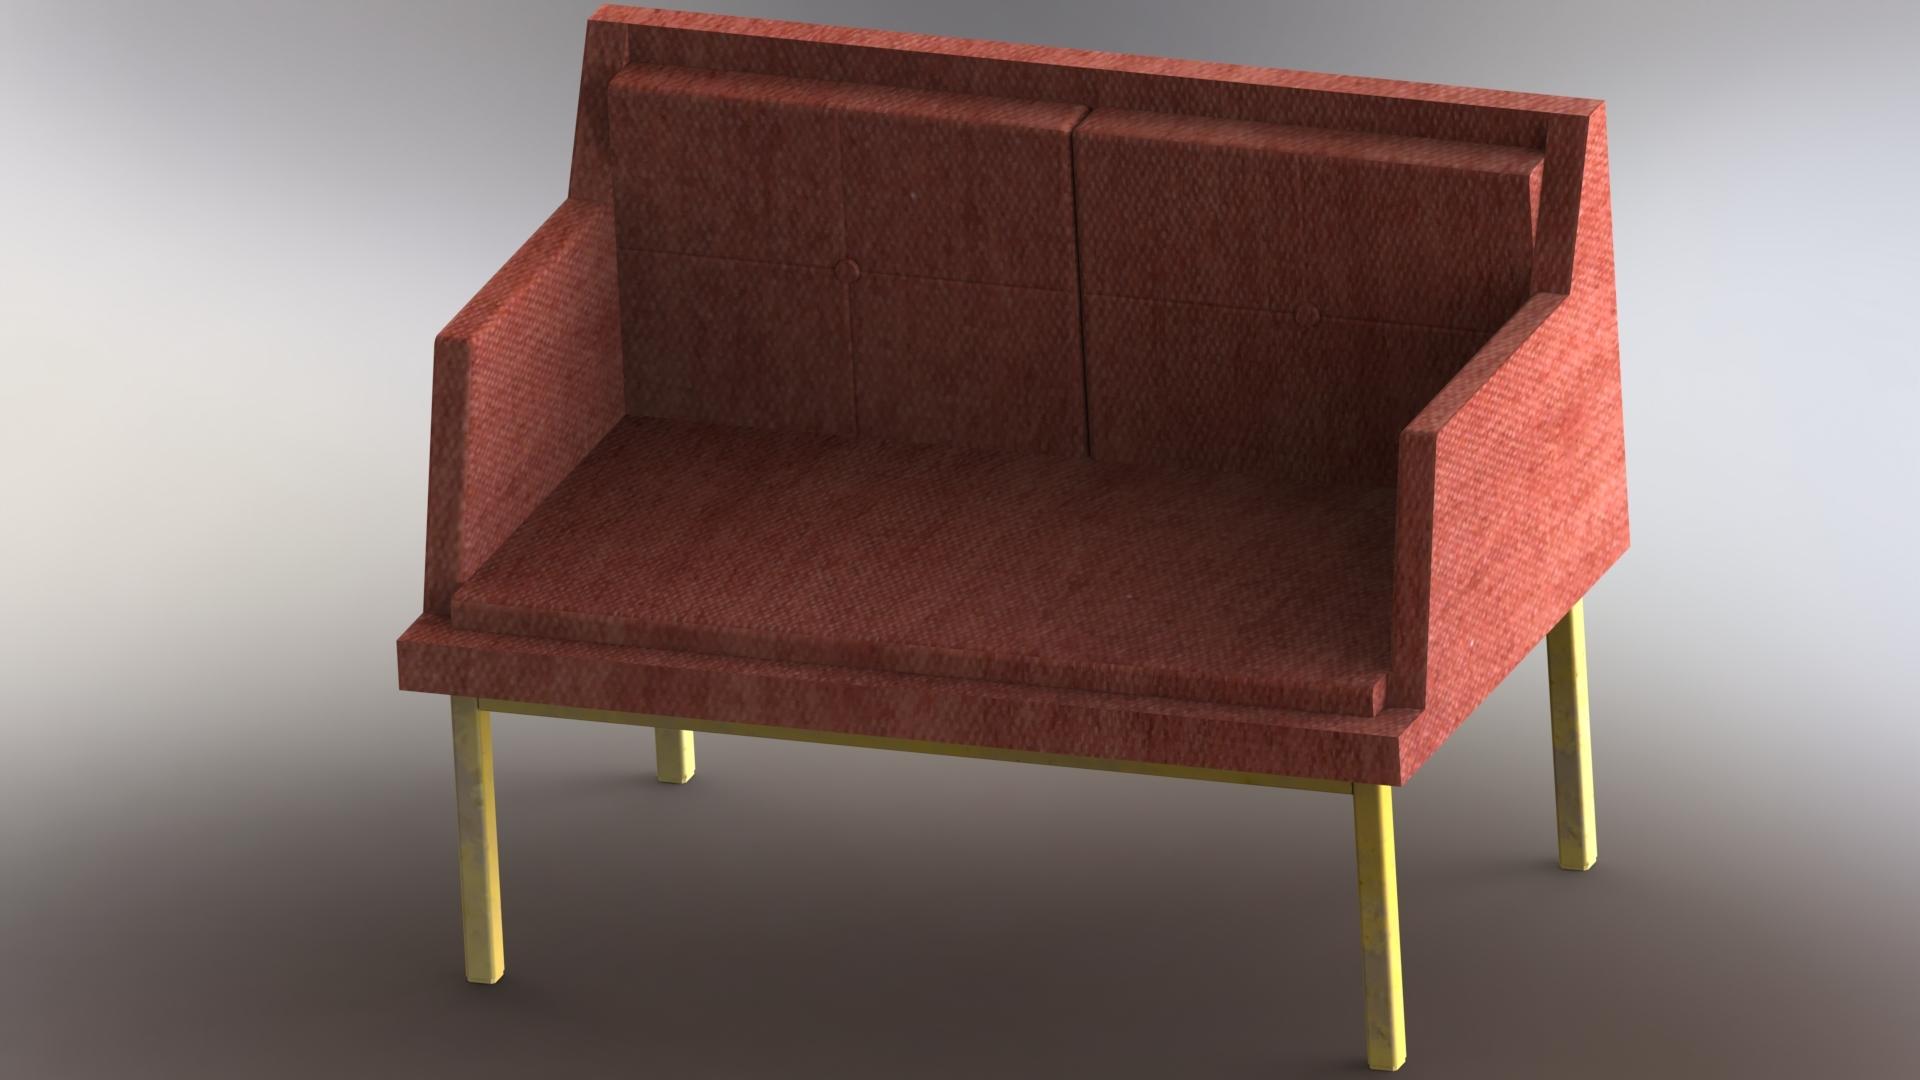 Full Size of Rotes Sofa 3d Modell Turbosquid 1497308 U Form Dauerschläfer Auf Raten Mondo Wildleder Big Mit Hocker Ikea Schlaffunktion Englisch Stressless Bettkasten Home Sofa Rotes Sofa